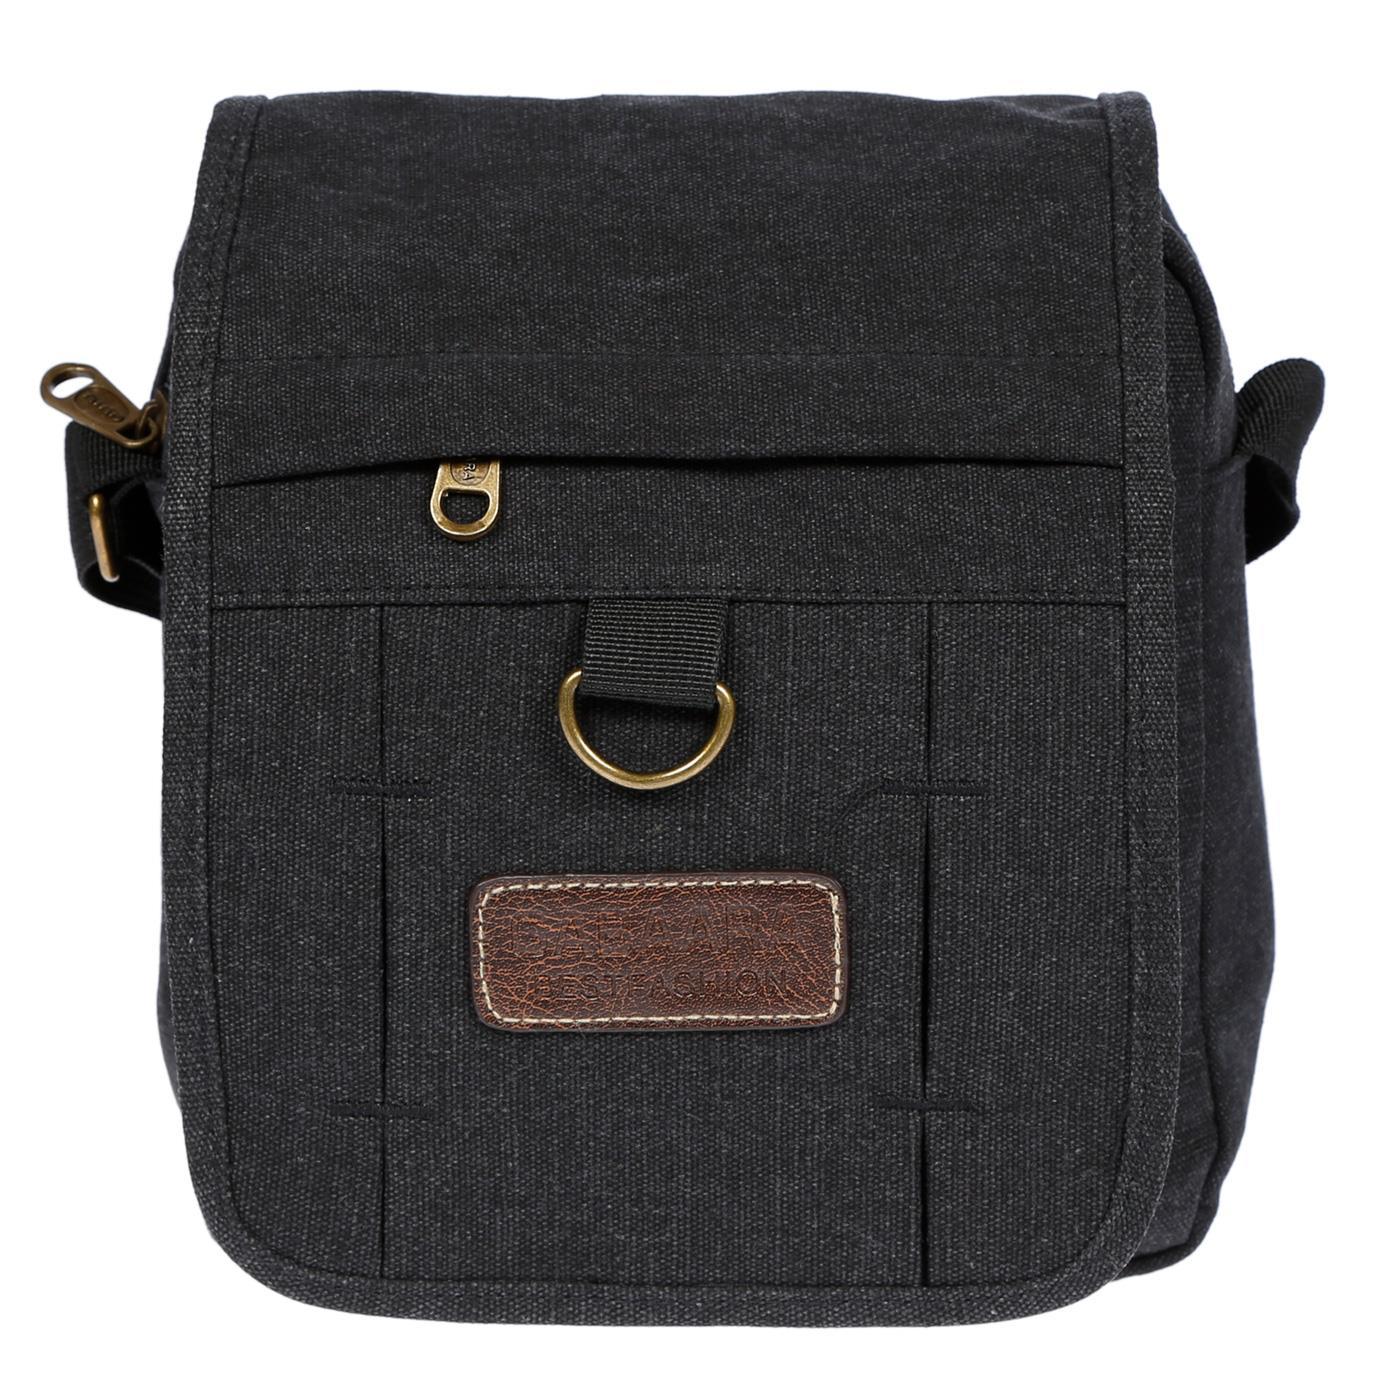 Damen-Herren-Tasche-Canvas-Umhaengetasche-Schultertasche-Crossover-Bag-Handtasche Indexbild 12